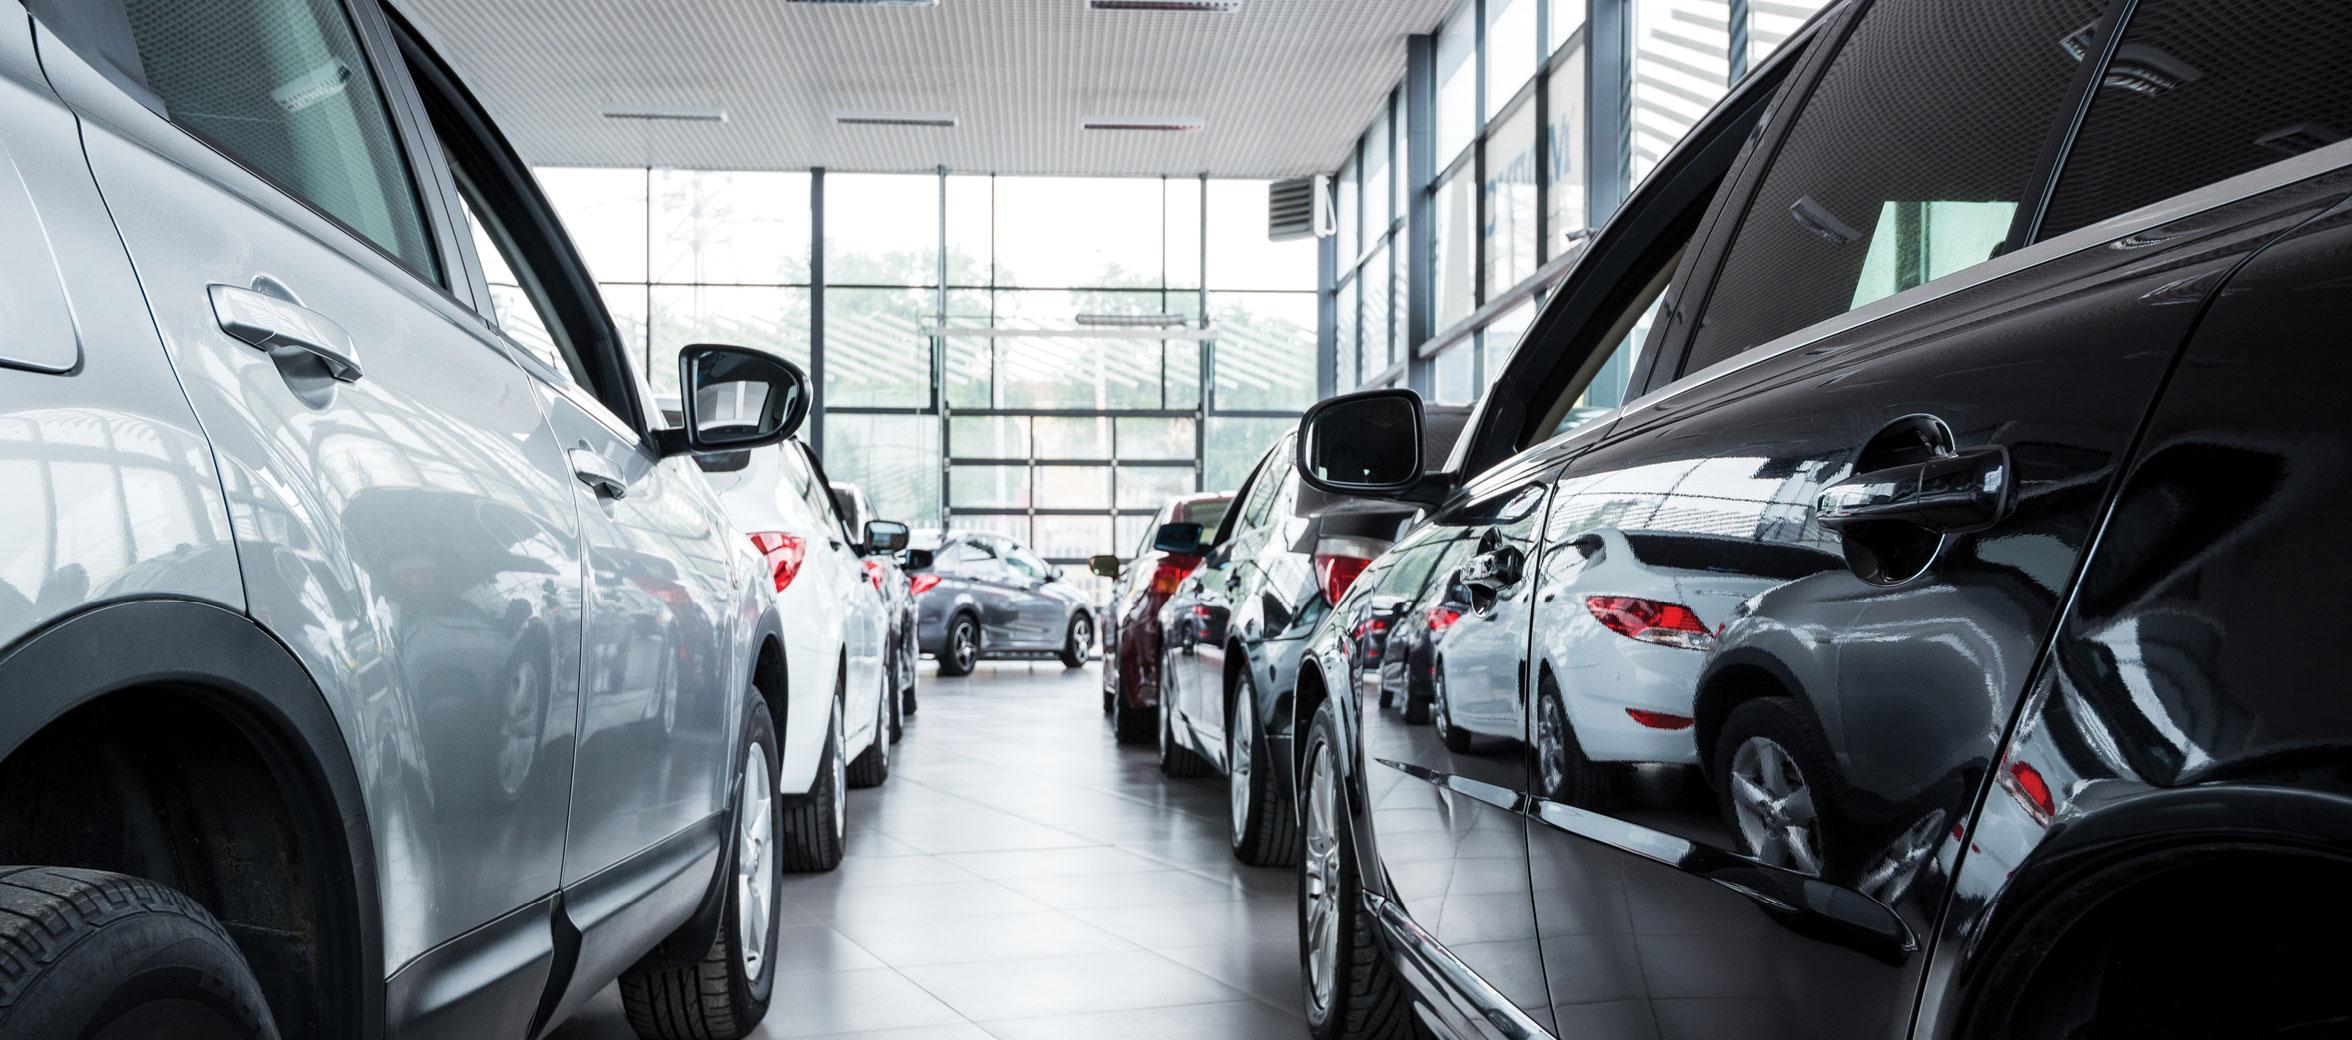 Automotive Dealership Capital Services